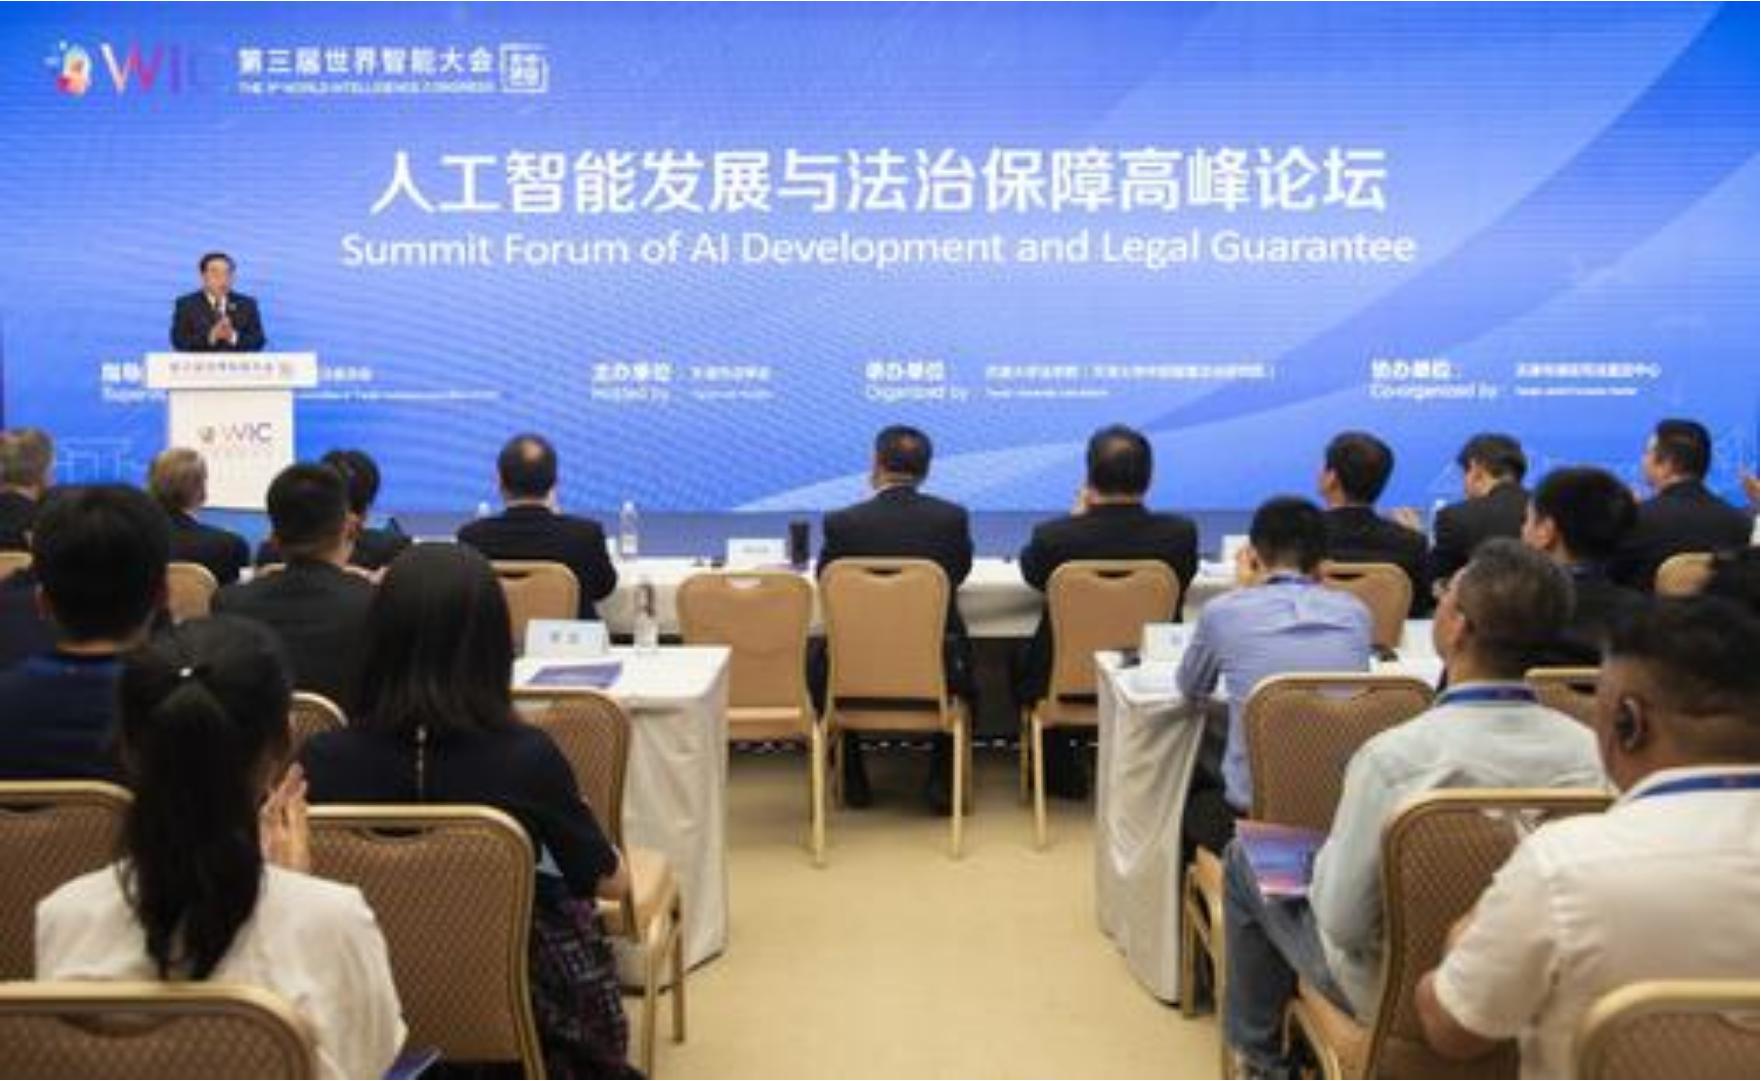 中国正大步迈向人工智能发展